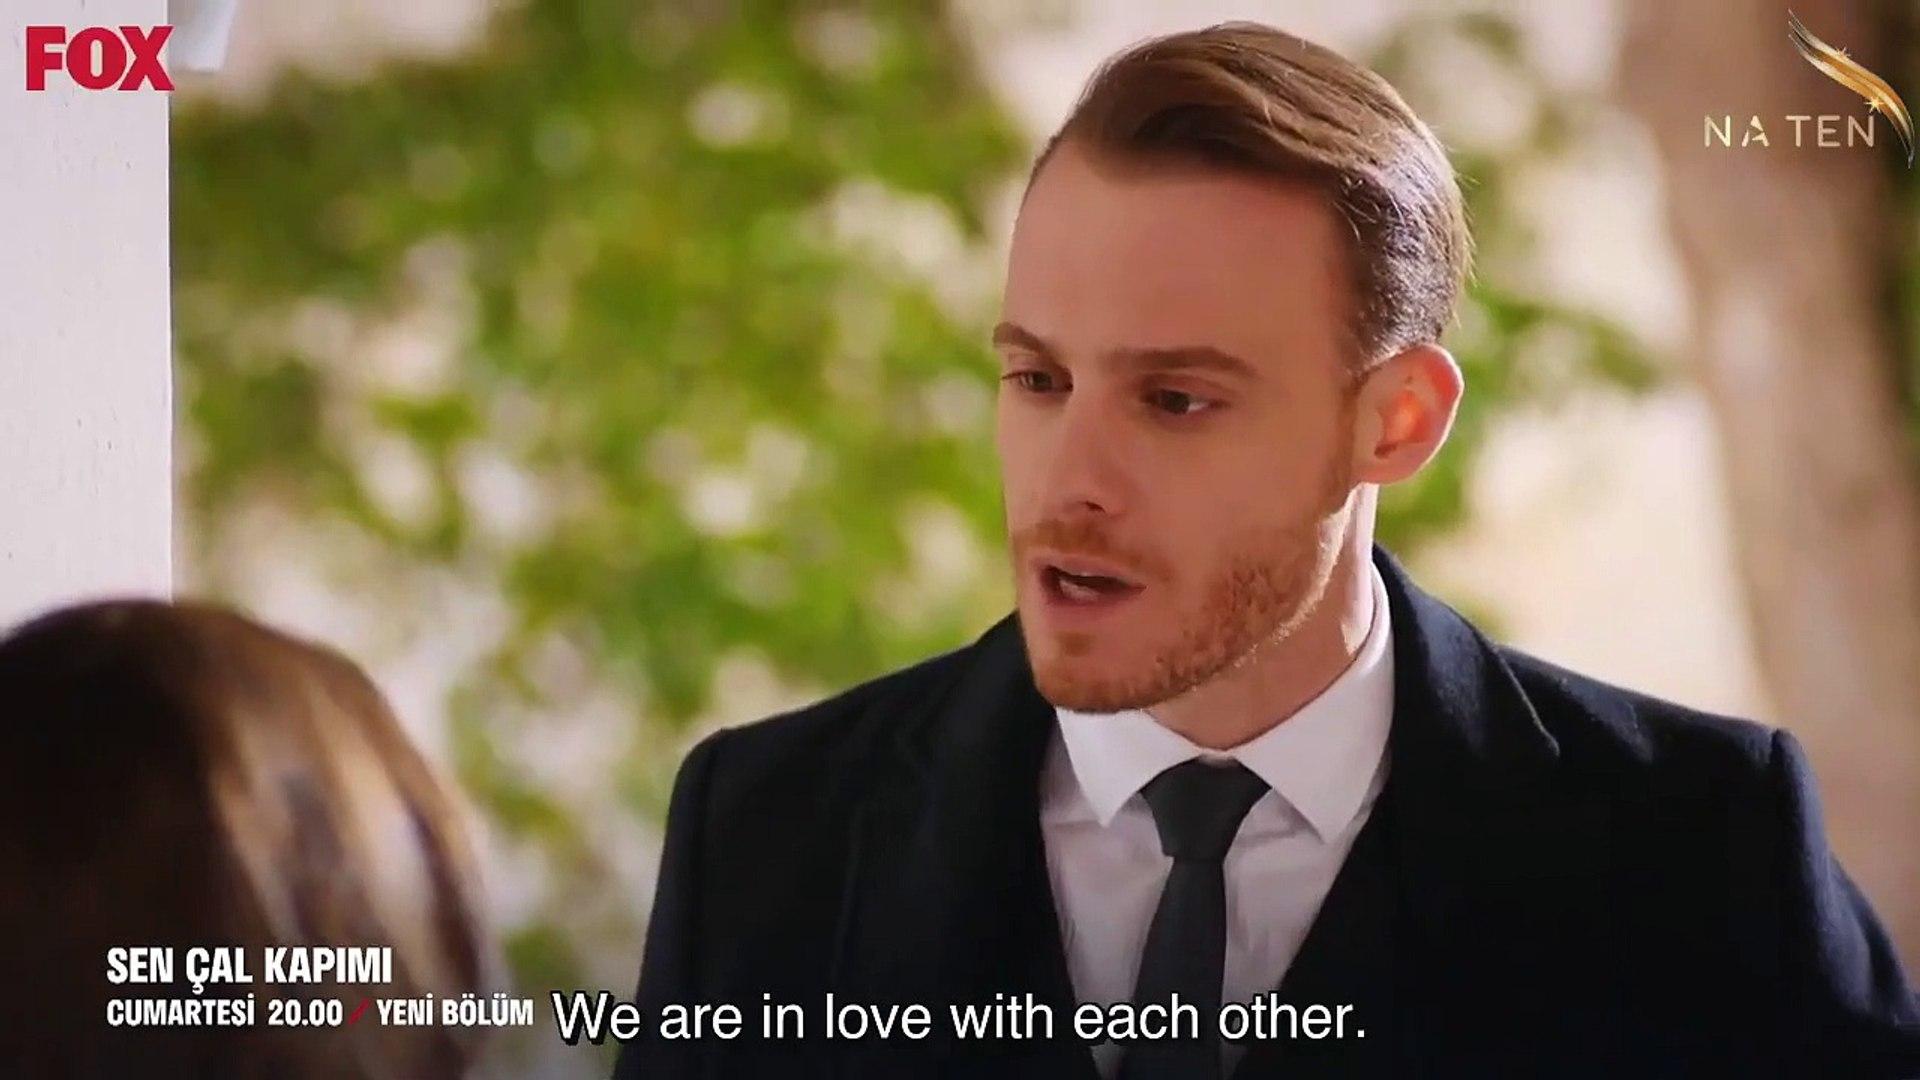 Sen Cal Kapimi Episode 39 English Subtitles Ep 39 Trailer 2 Eng Subs Video Dailymotion